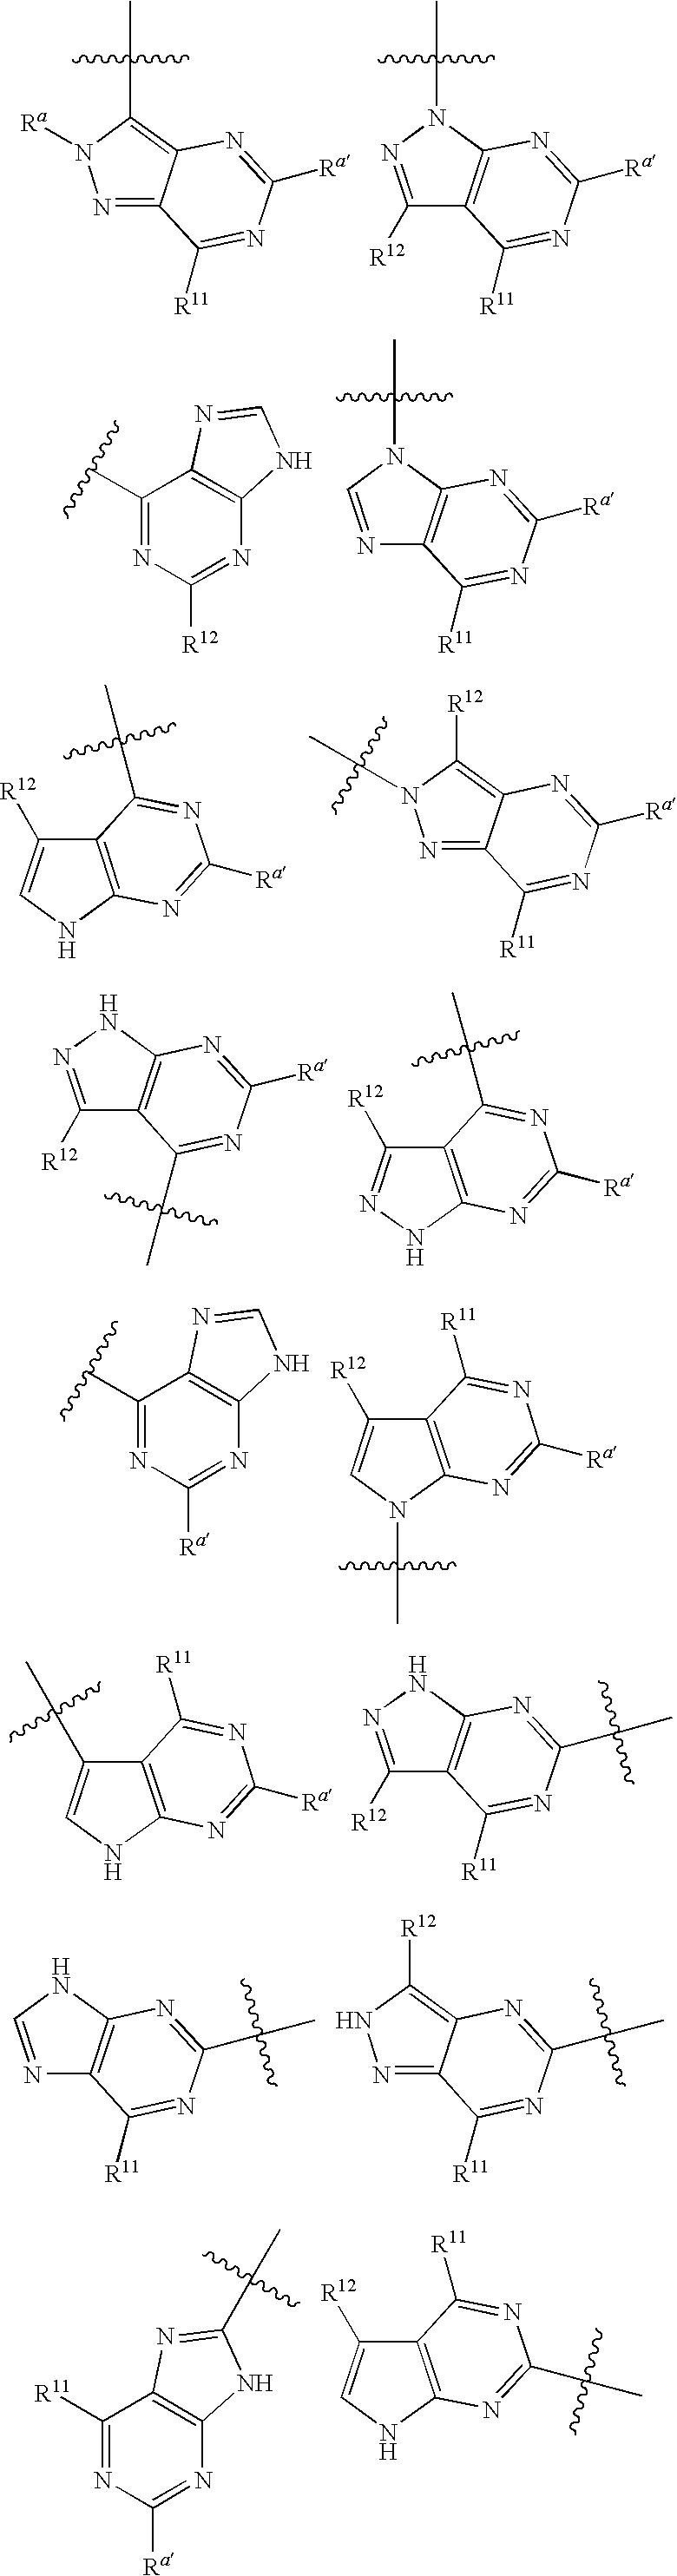 Figure US08193182-20120605-C00031